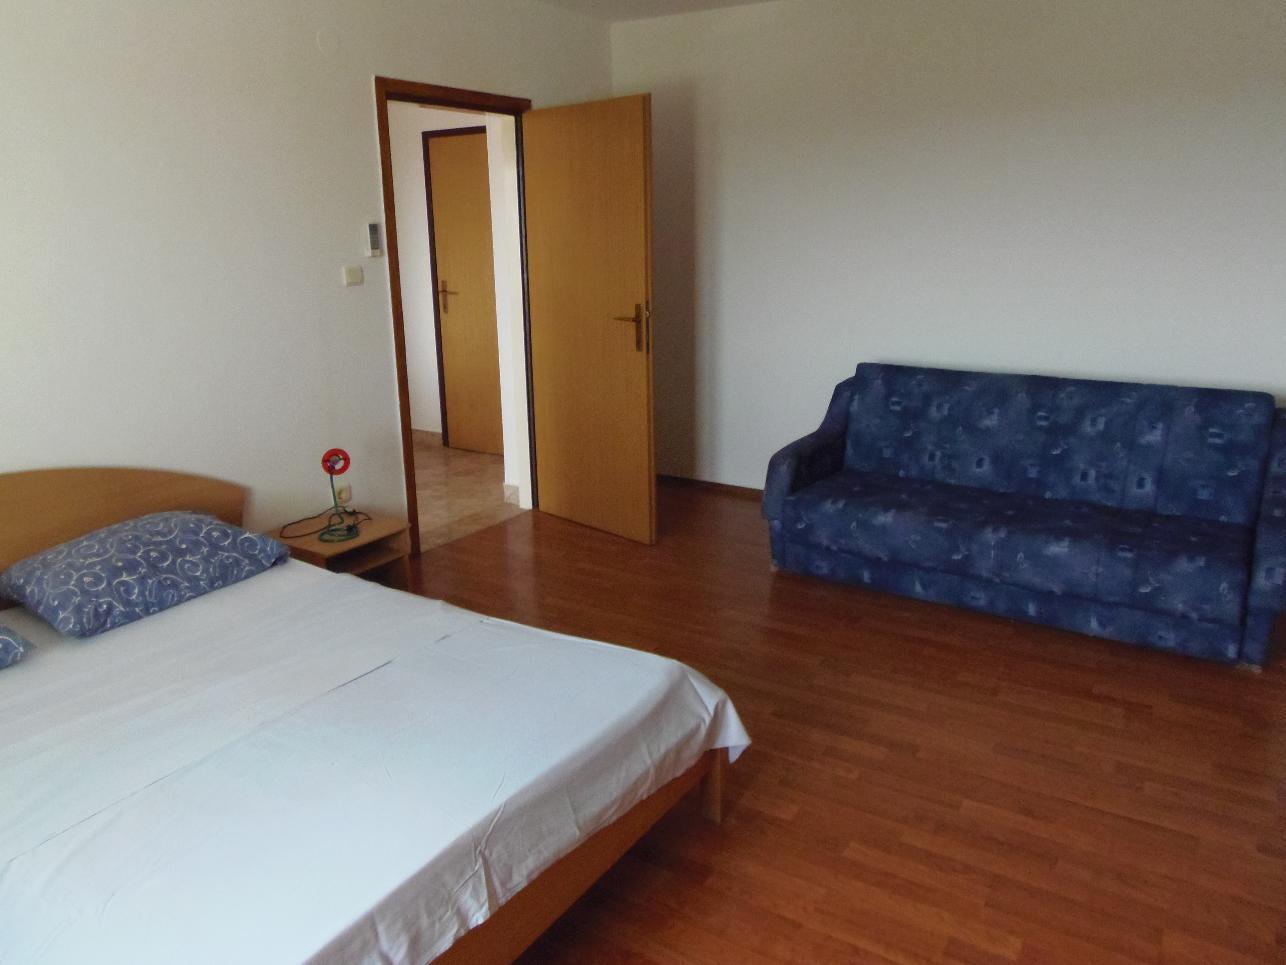 2235 - Povljana - Appartementen Kroatië - A1 mali (2+2): slaapkamer